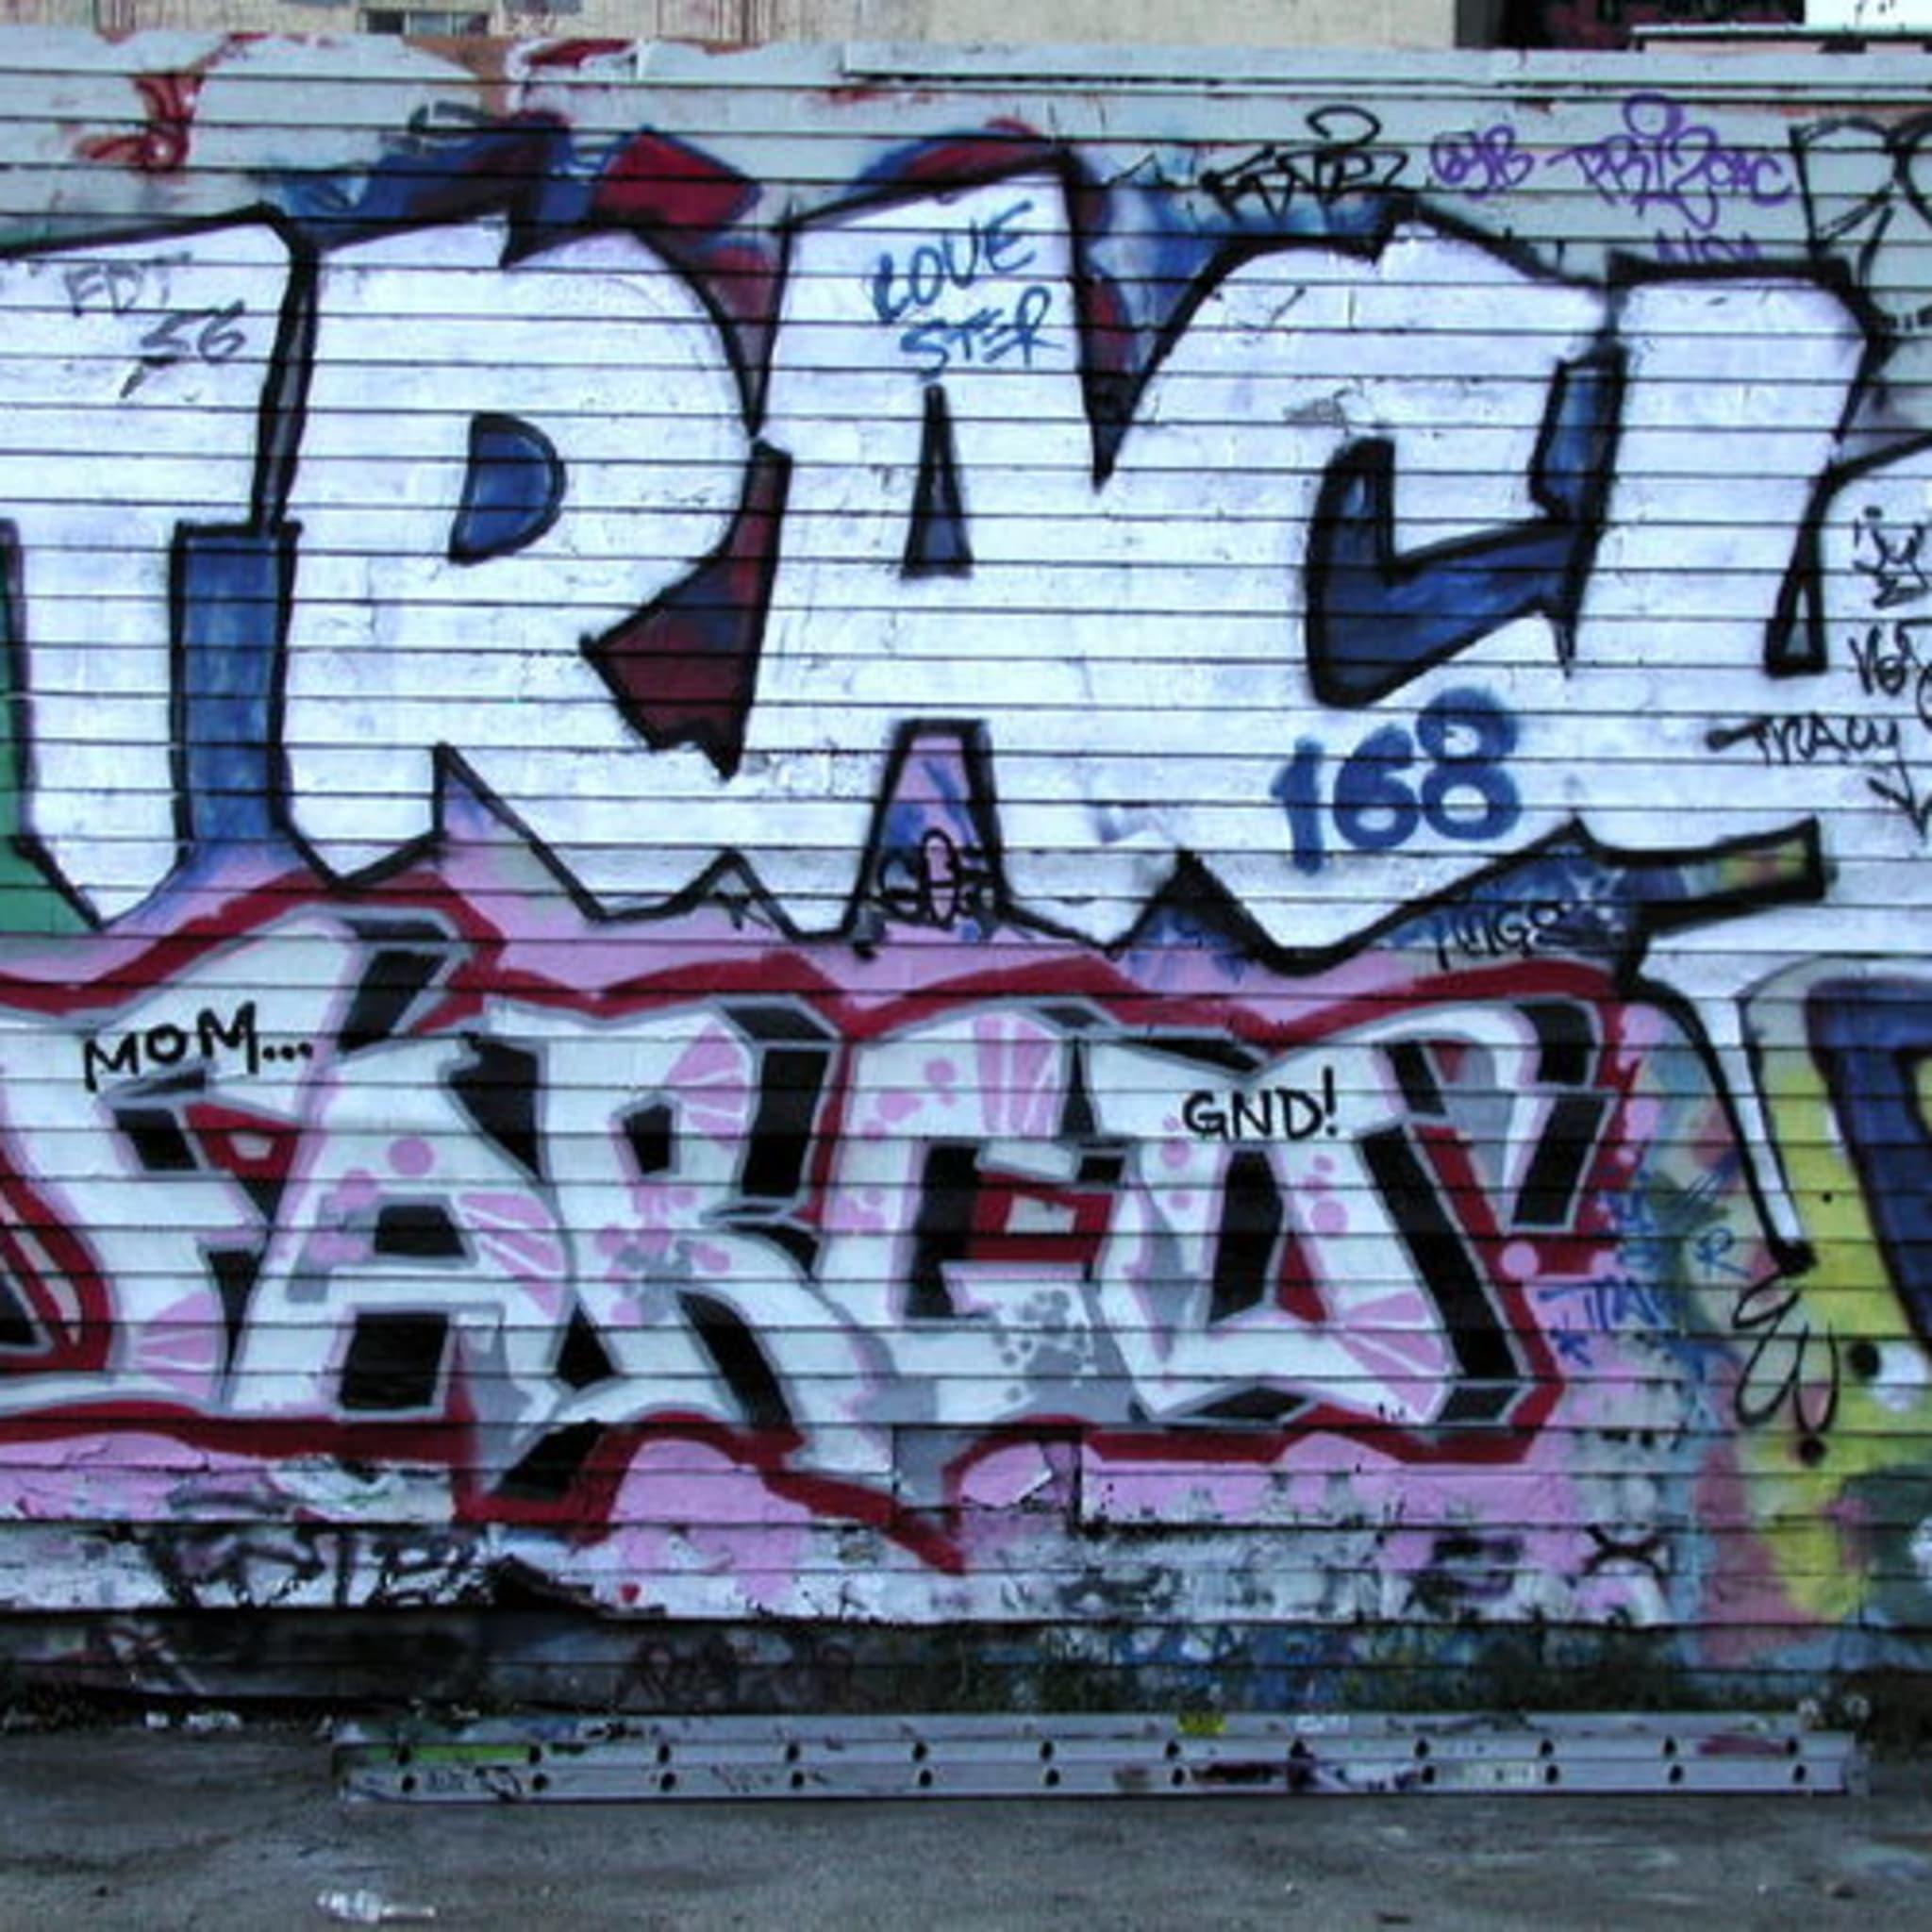 Tracy 168